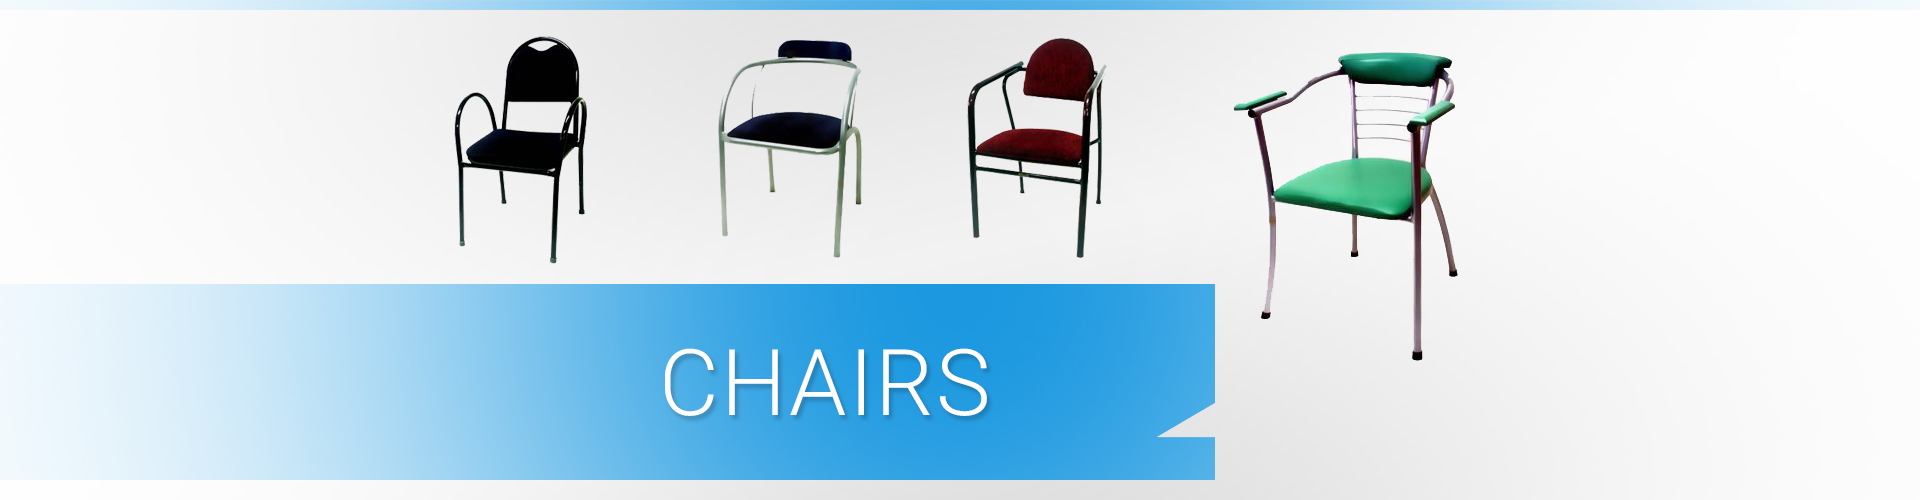 chairs_en